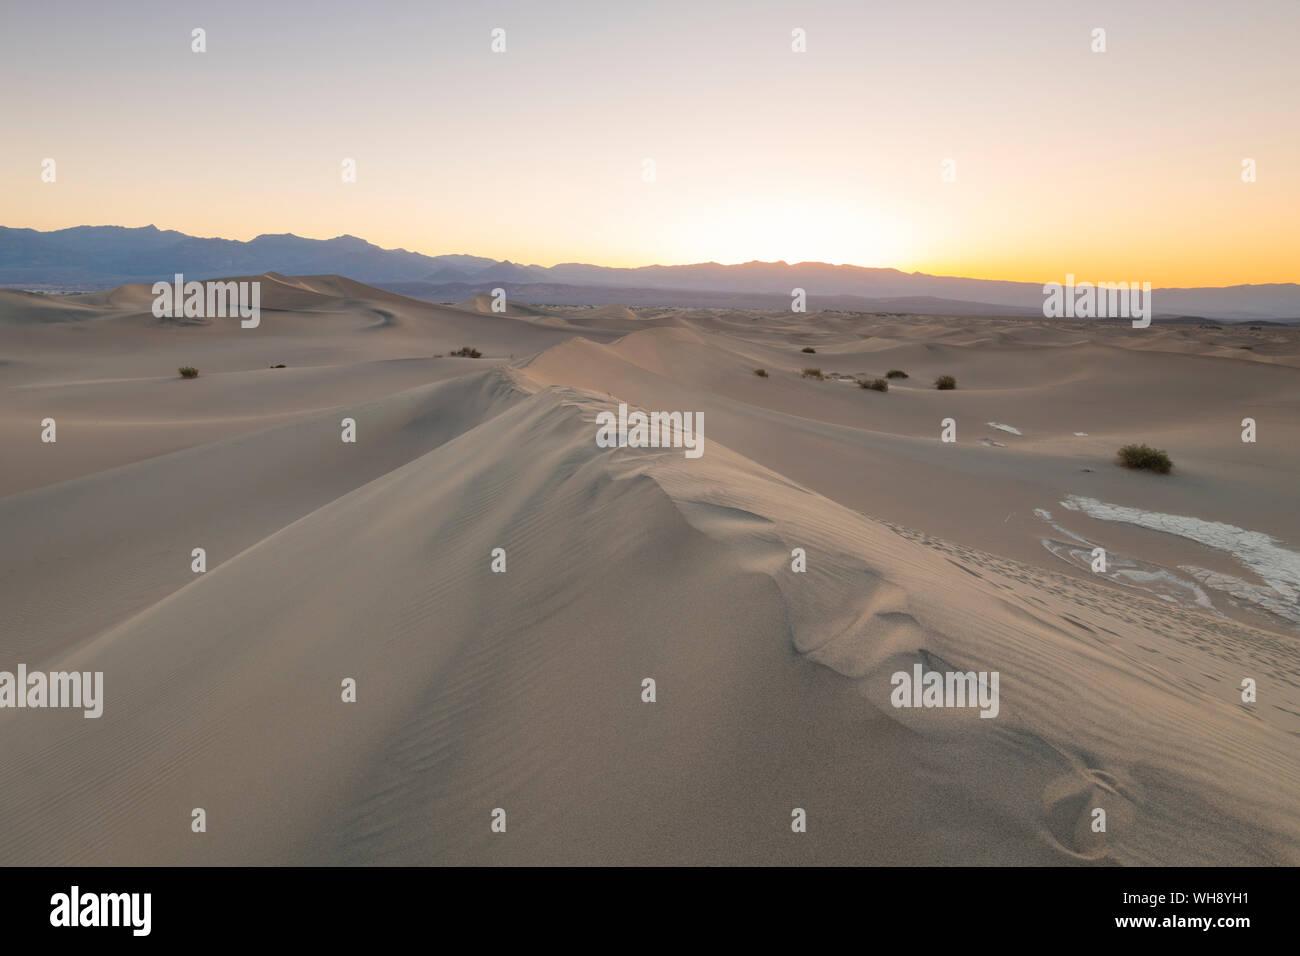 Mesquite flache Sanddünen im Death Valley National Park, Kalifornien, Vereinigte Staaten von Amerika, Nordamerika Stockfoto